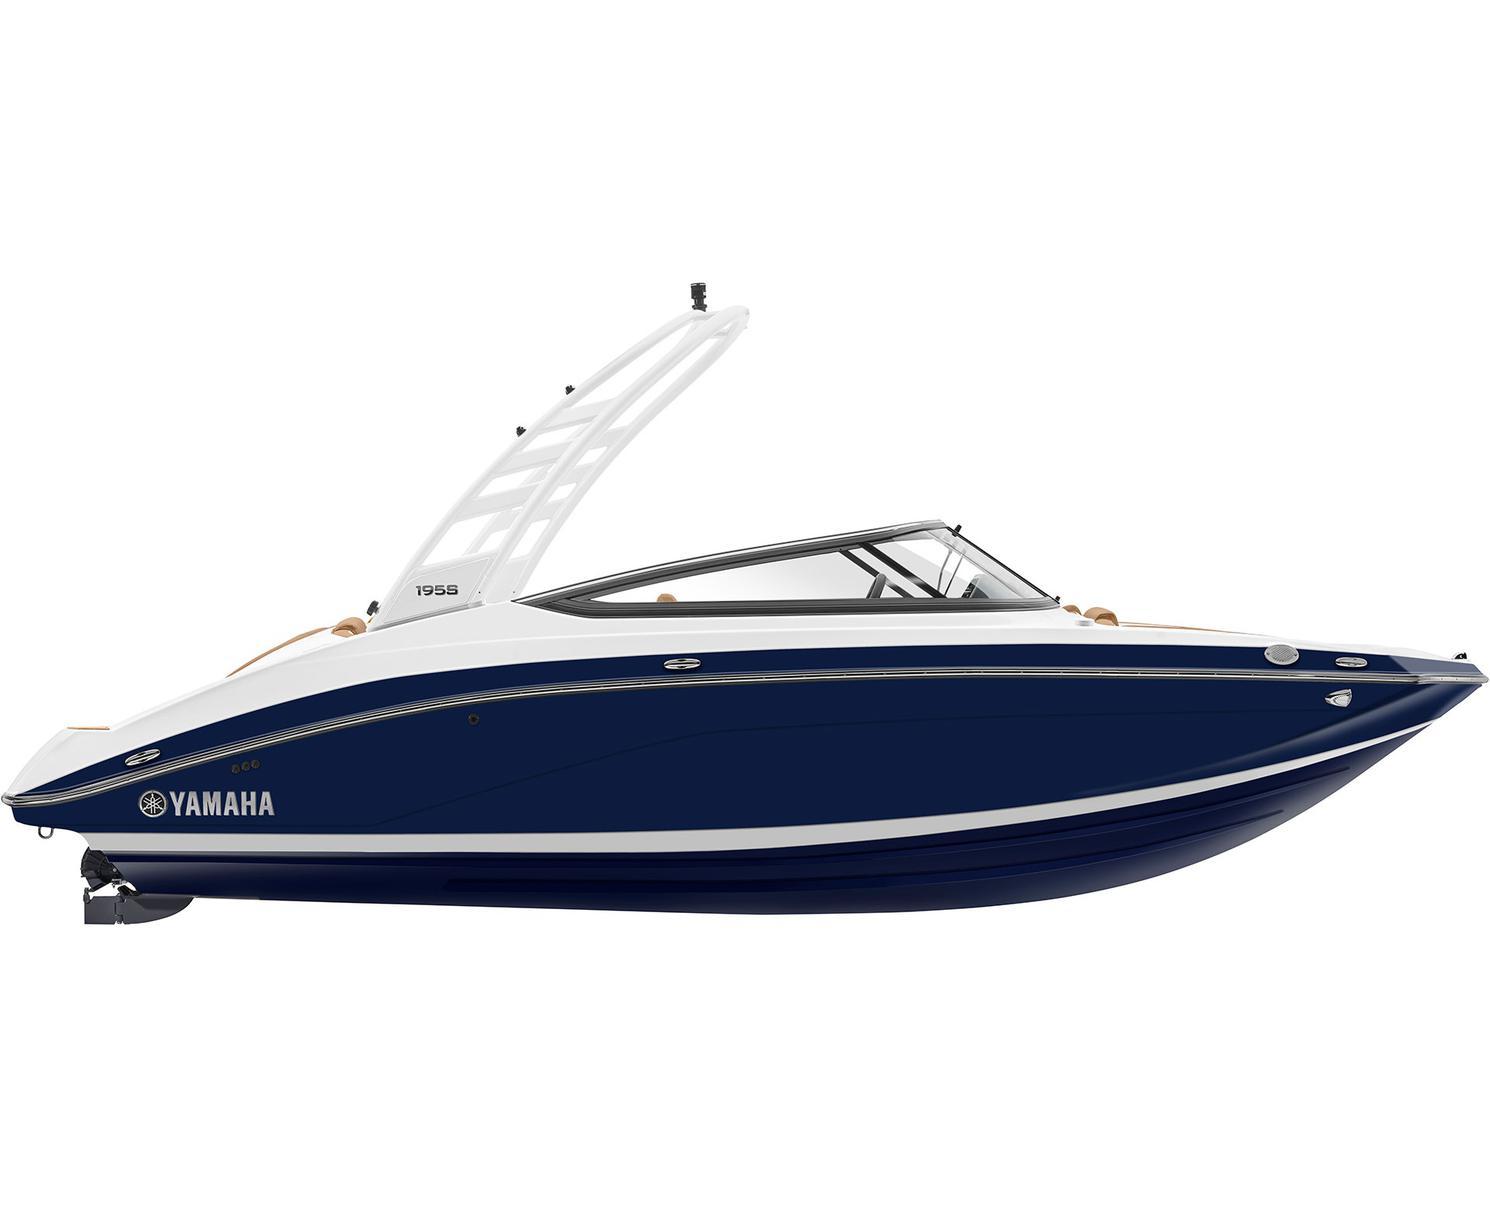 Yamaha 195S Bleu Yacht Métallique 2022